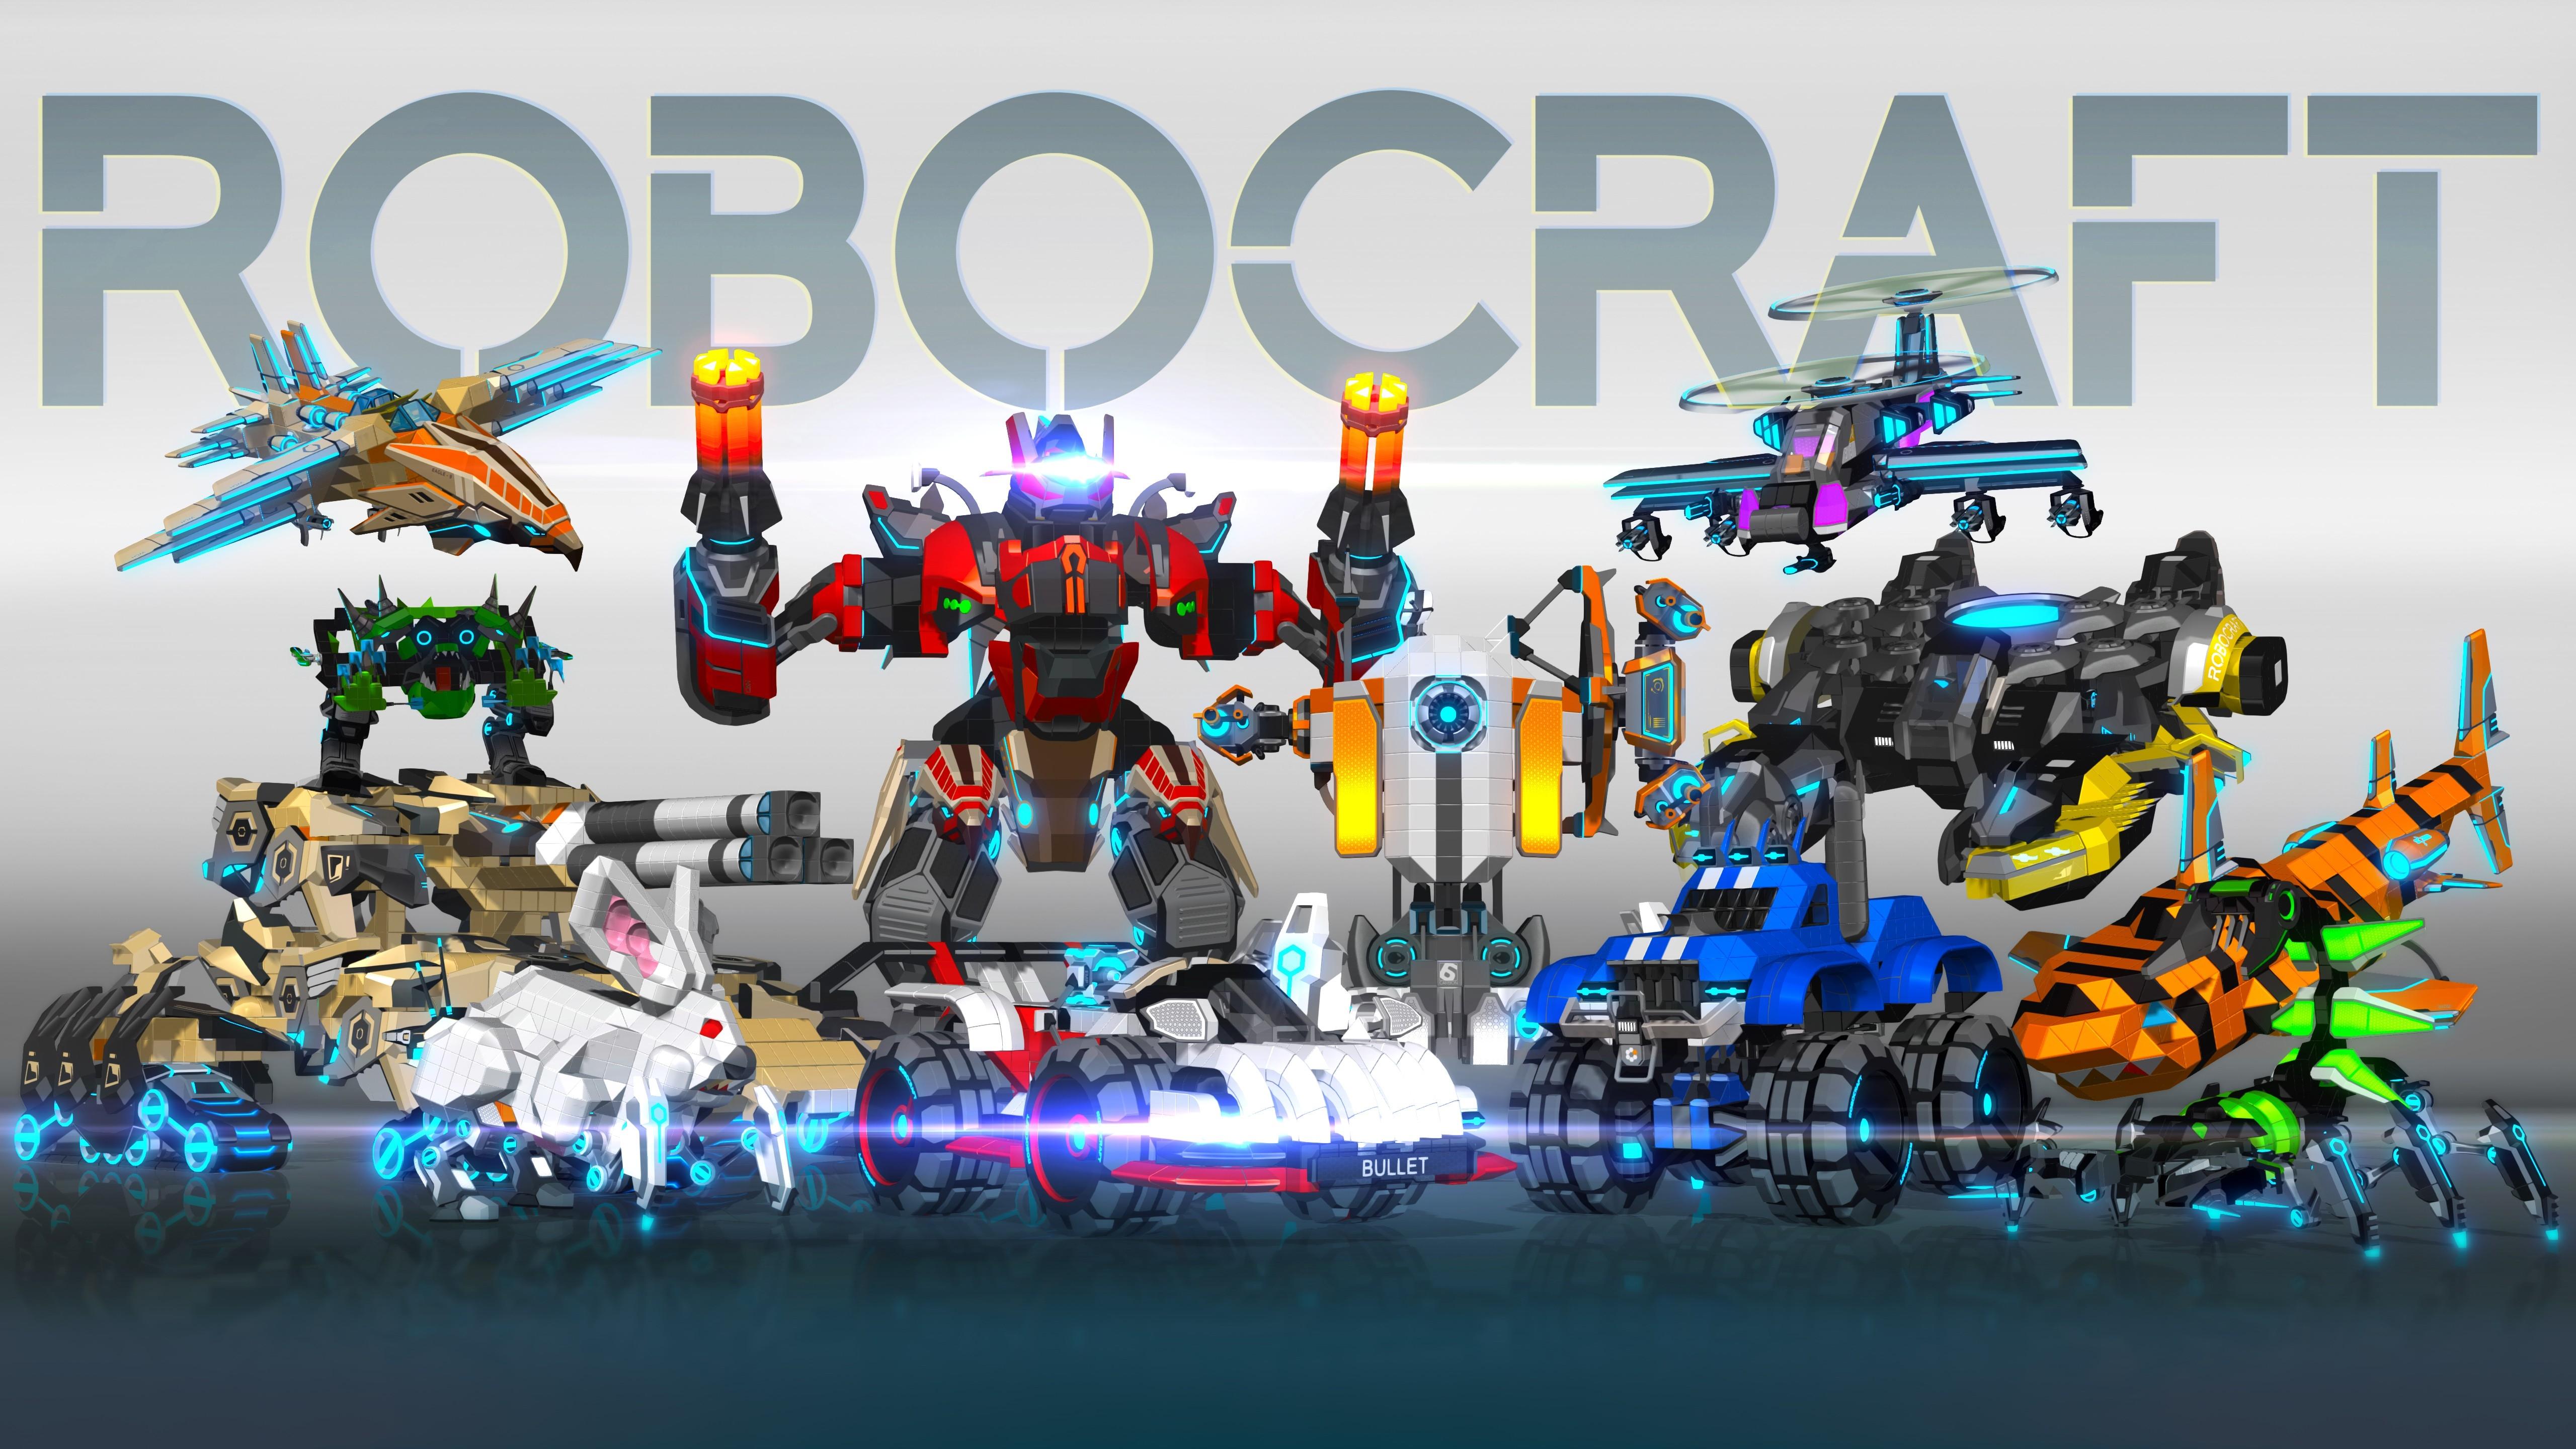 Download 5120x2880 Robocraft Robots Wallpapers   WallpaperMaiden 5120x2880